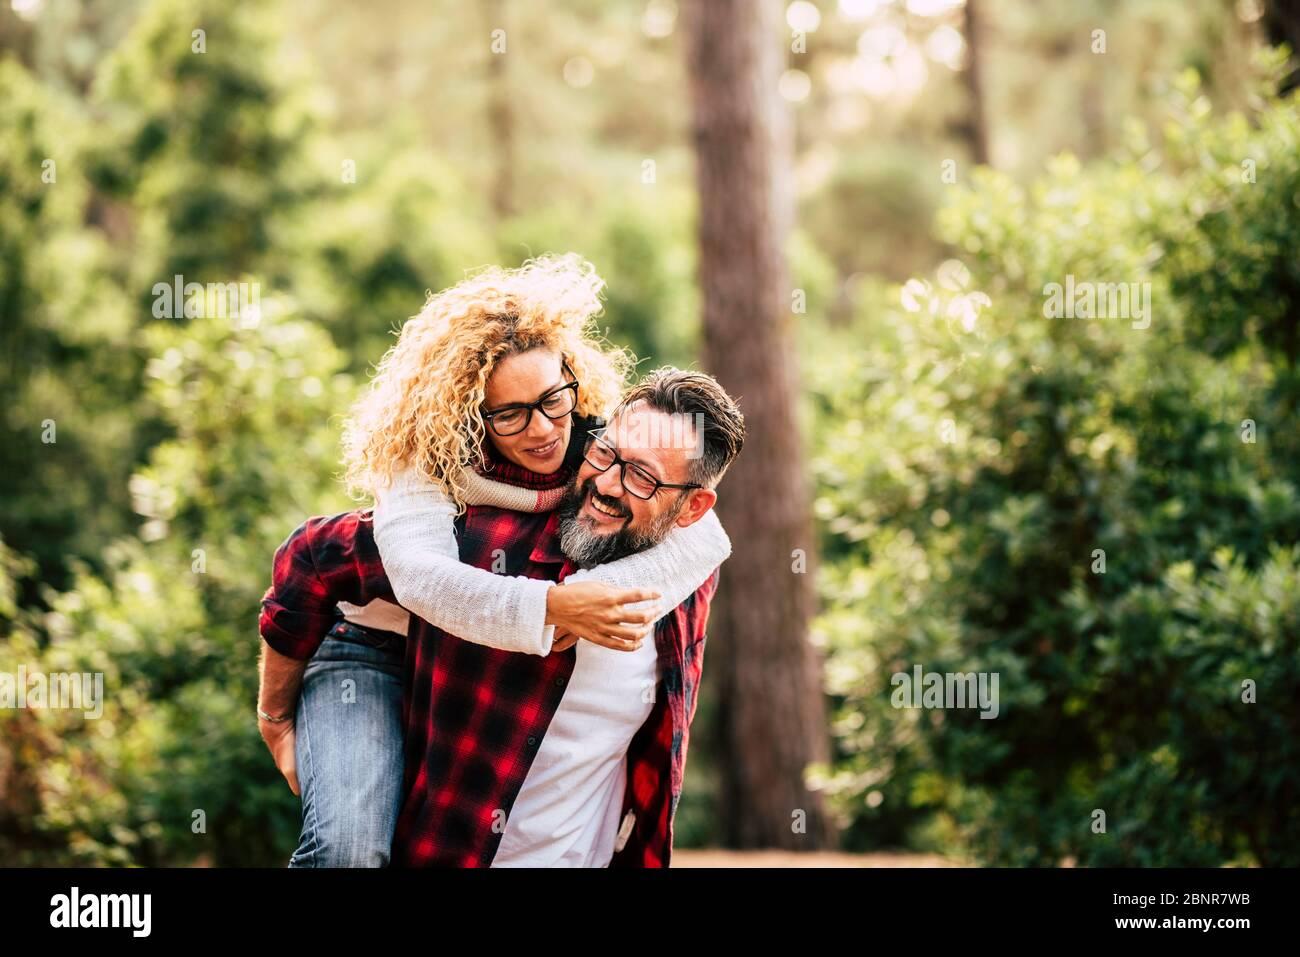 Feliz pareja caucásica adulta en relación y el amor jugar juntos en el bosque de la naturaleza - exterior personas de ocio actividad concepto con alegre caucásicos Foto de stock